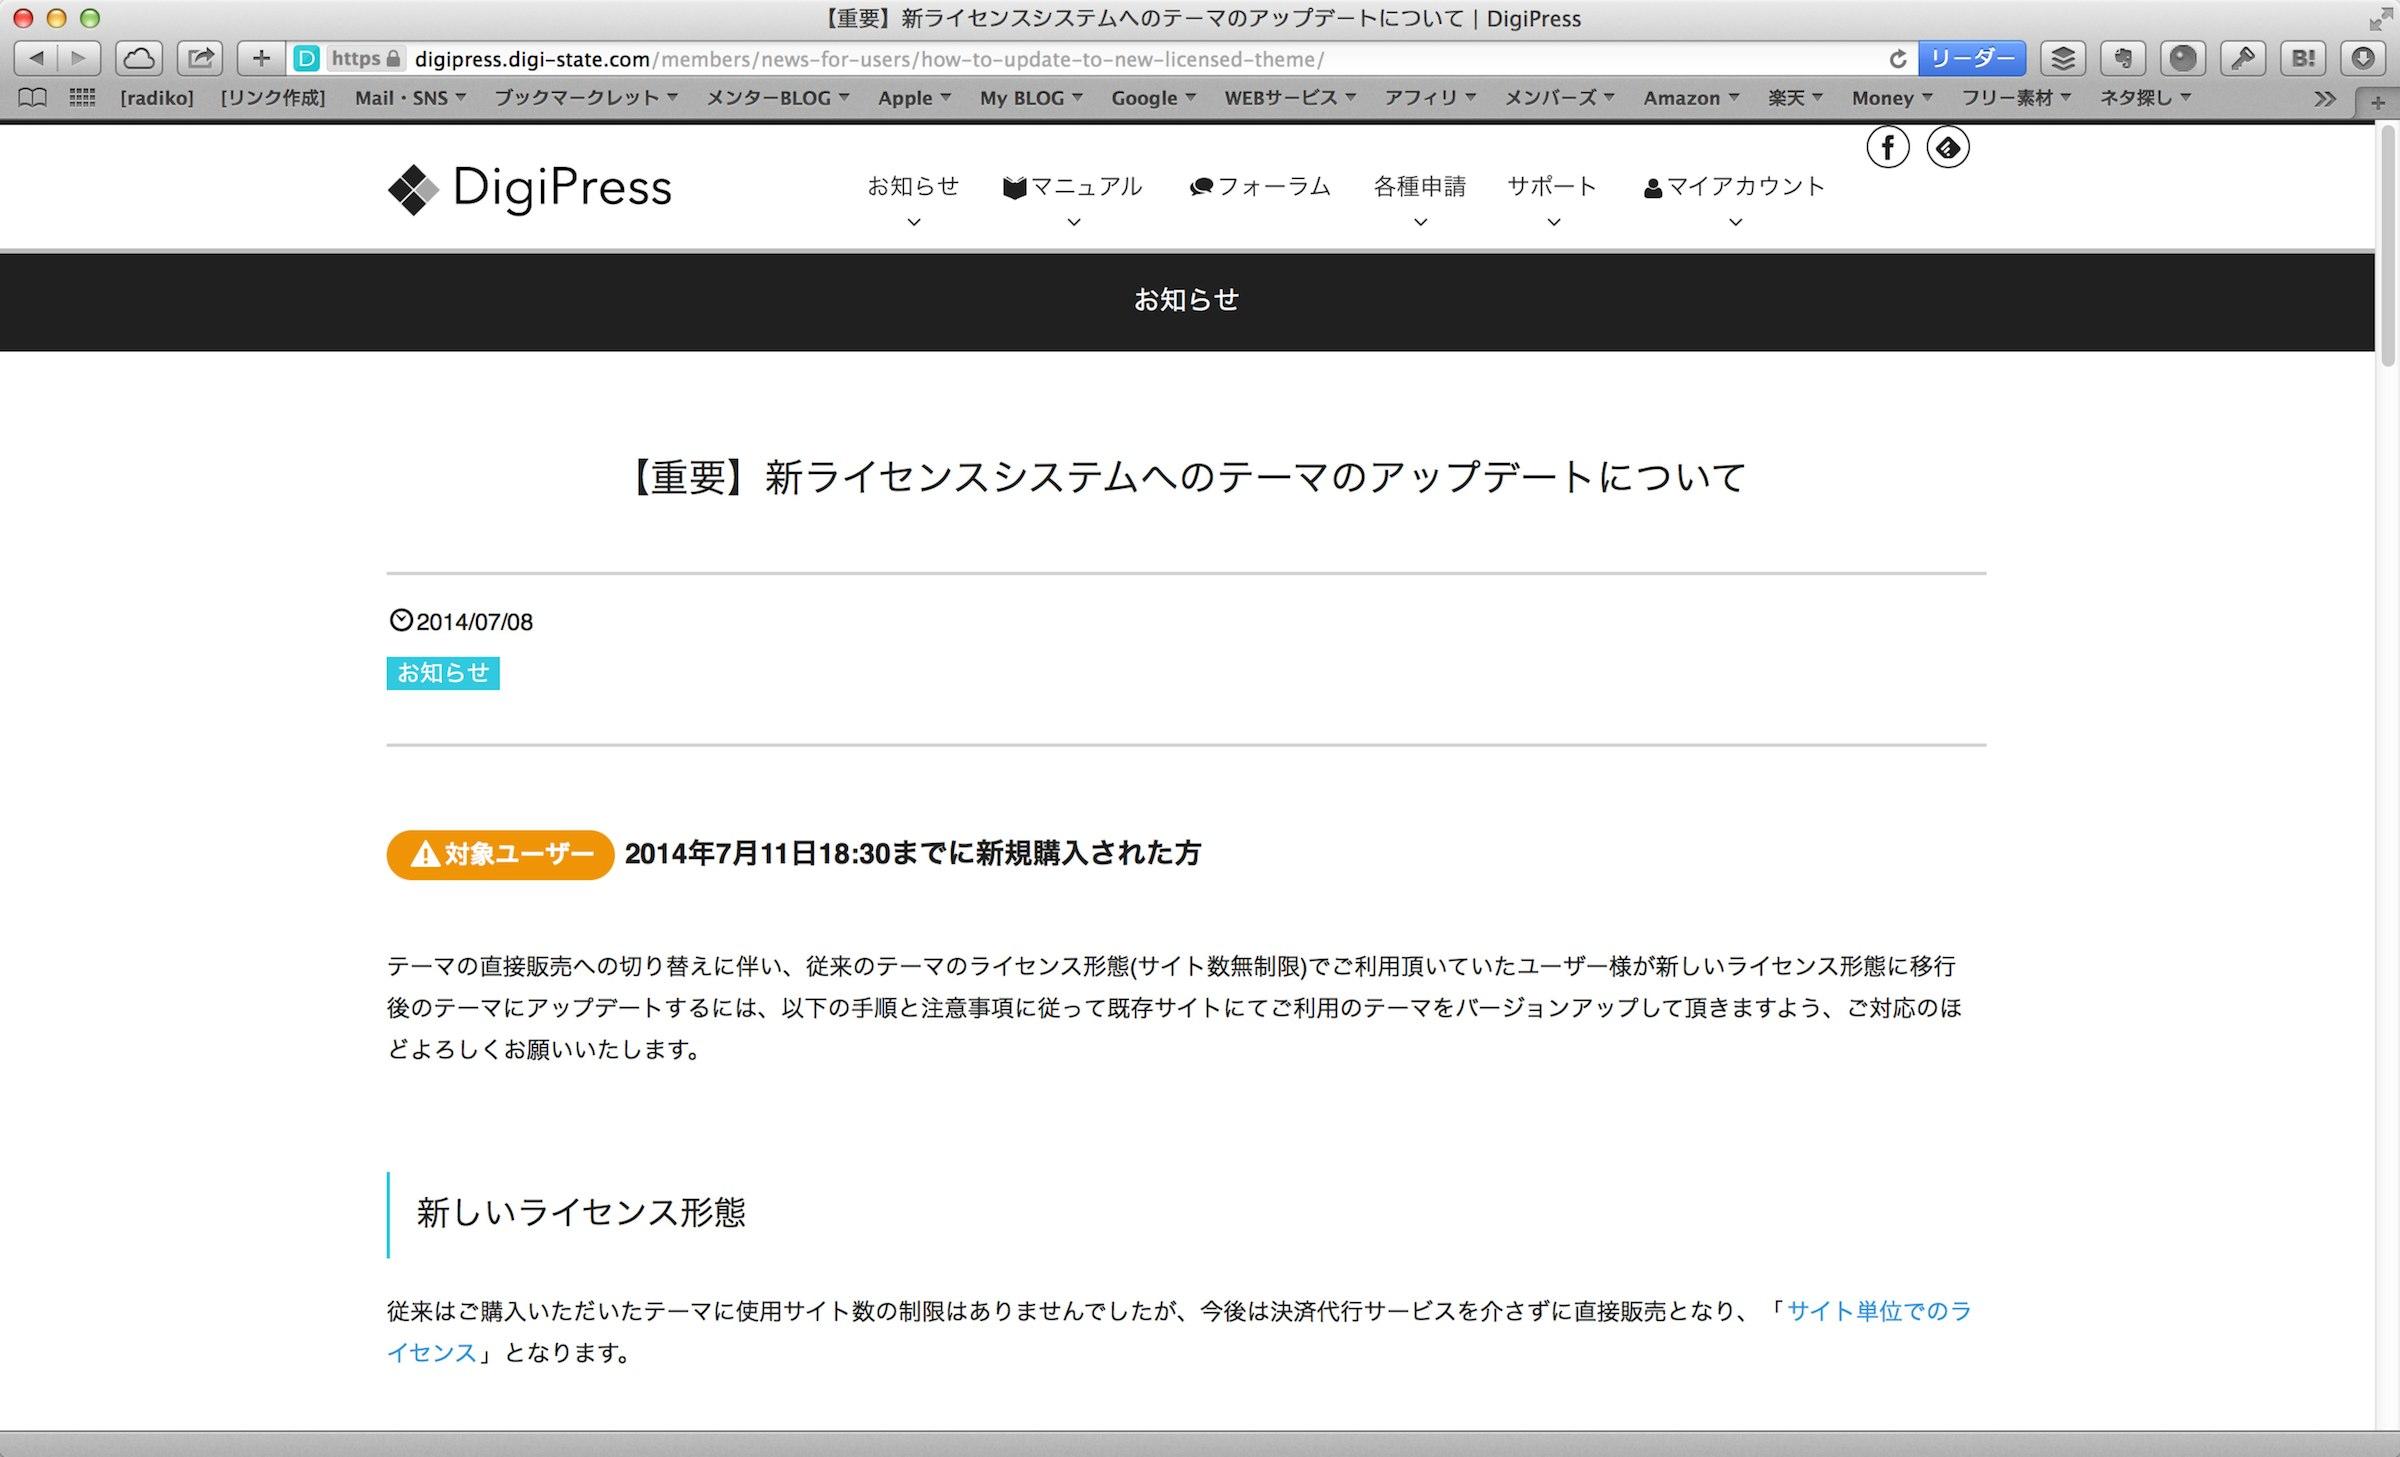 【重要】新ライセンスシステムへのテーマのアップデートについて | DigiPress